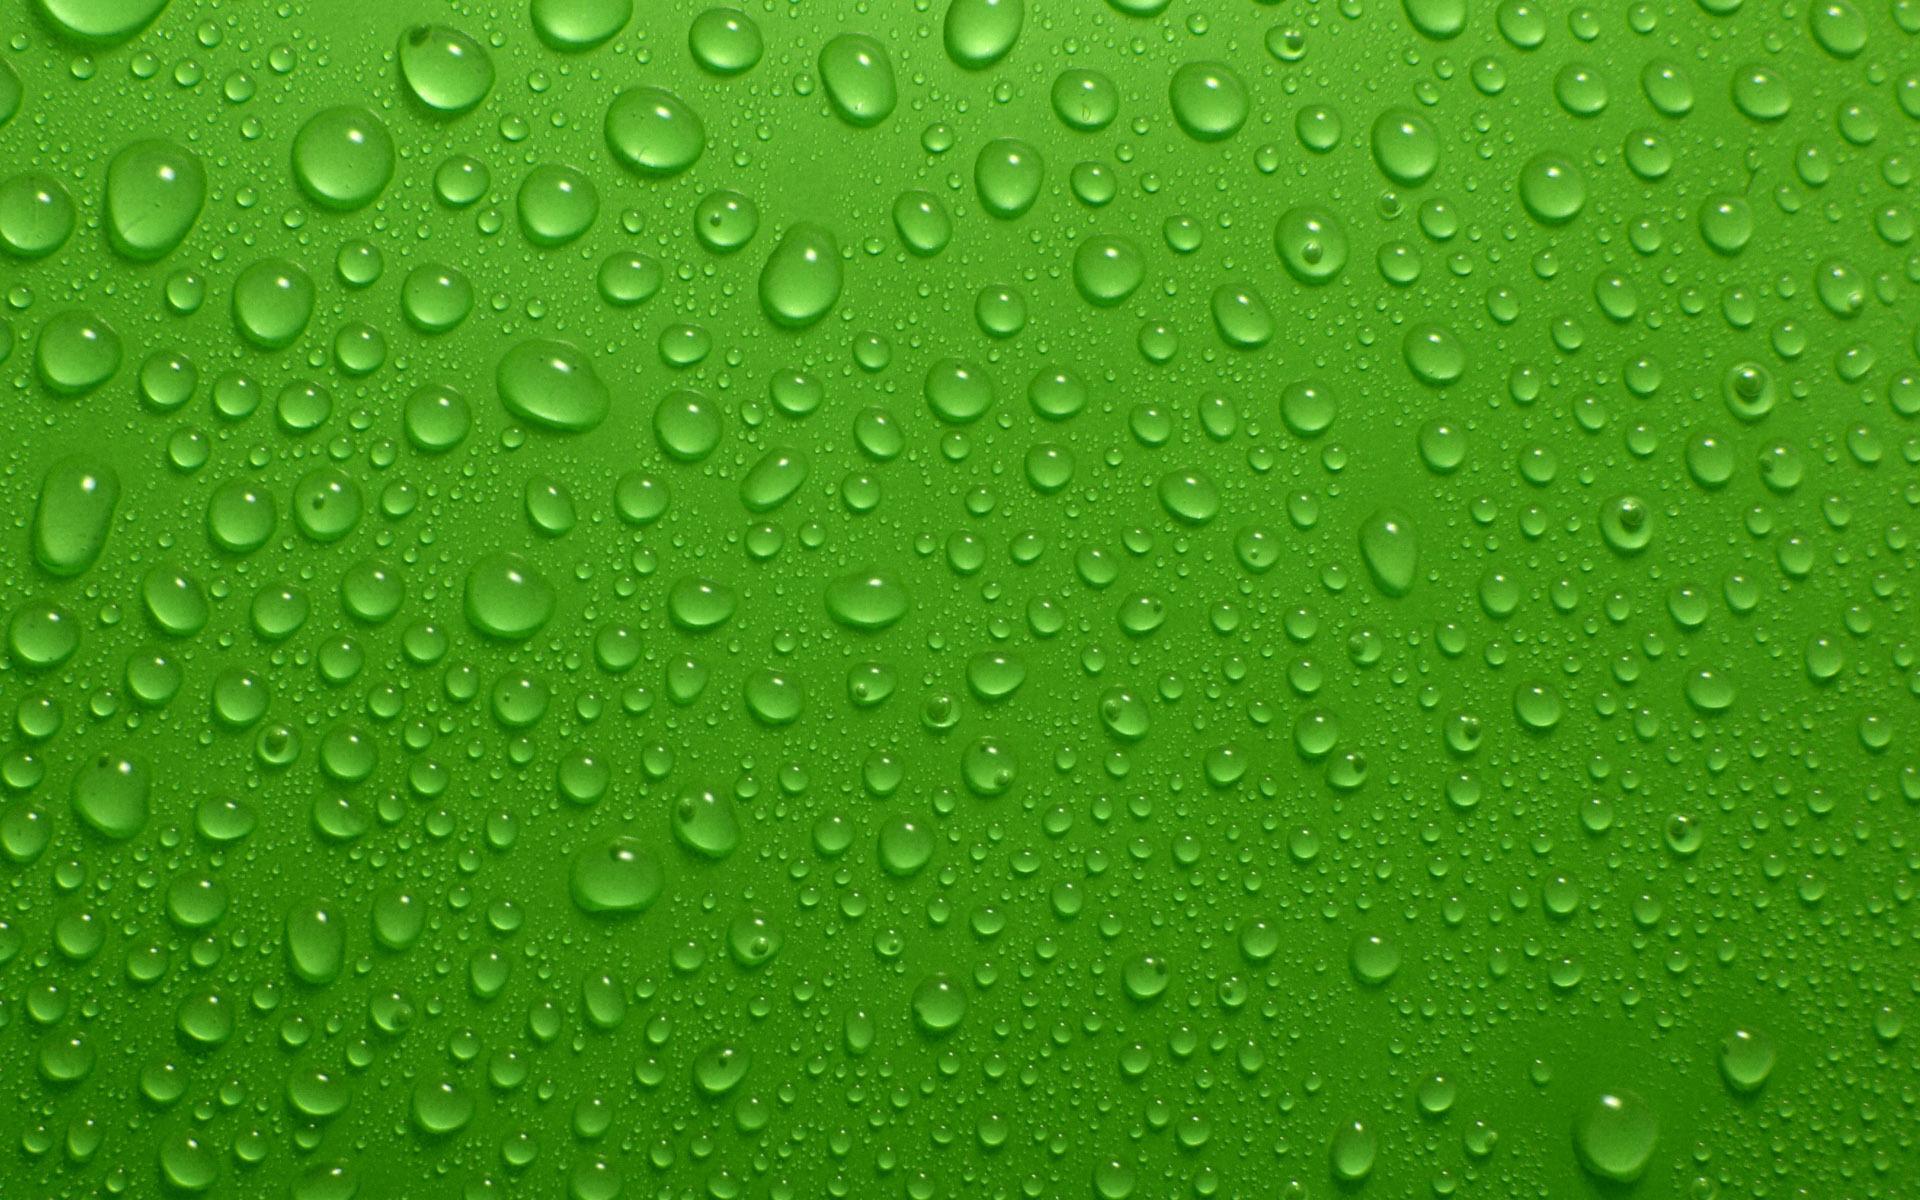 Картинка: Капли, вода, фон, зелёный